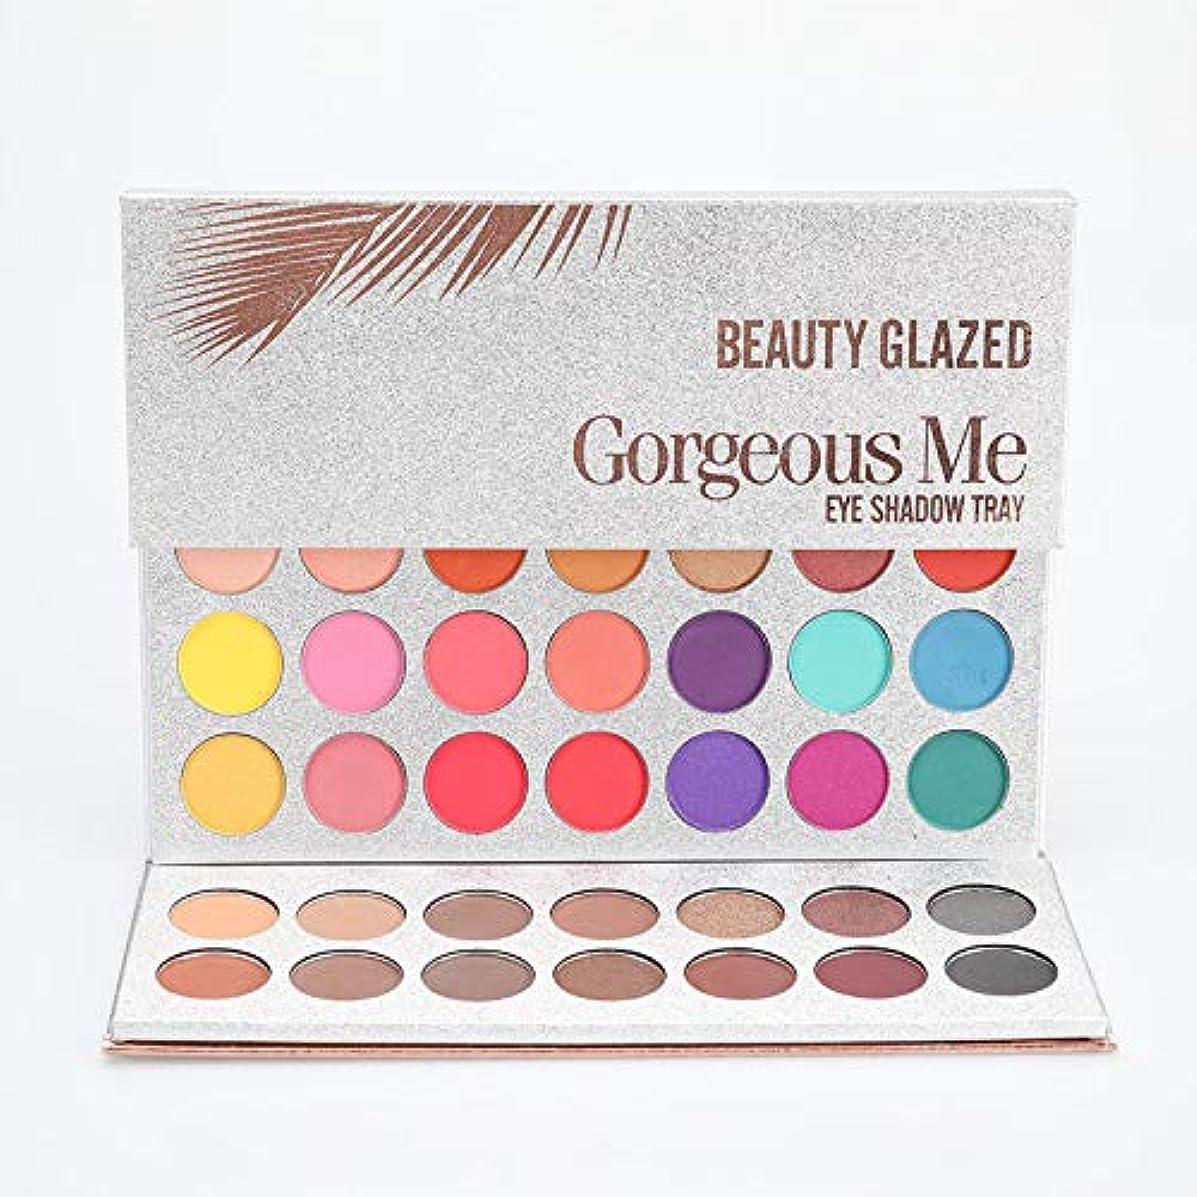 そして複製ハッピー63 Color eyeshadow pallete Glitter Makeup Matte Eye shadow make up palette maquillage paleta de sombra 63色のアイシャドーパレエキラキラメイクアップマットアイシャドウメイクアップパレットマキアージュパレタデムブラブ